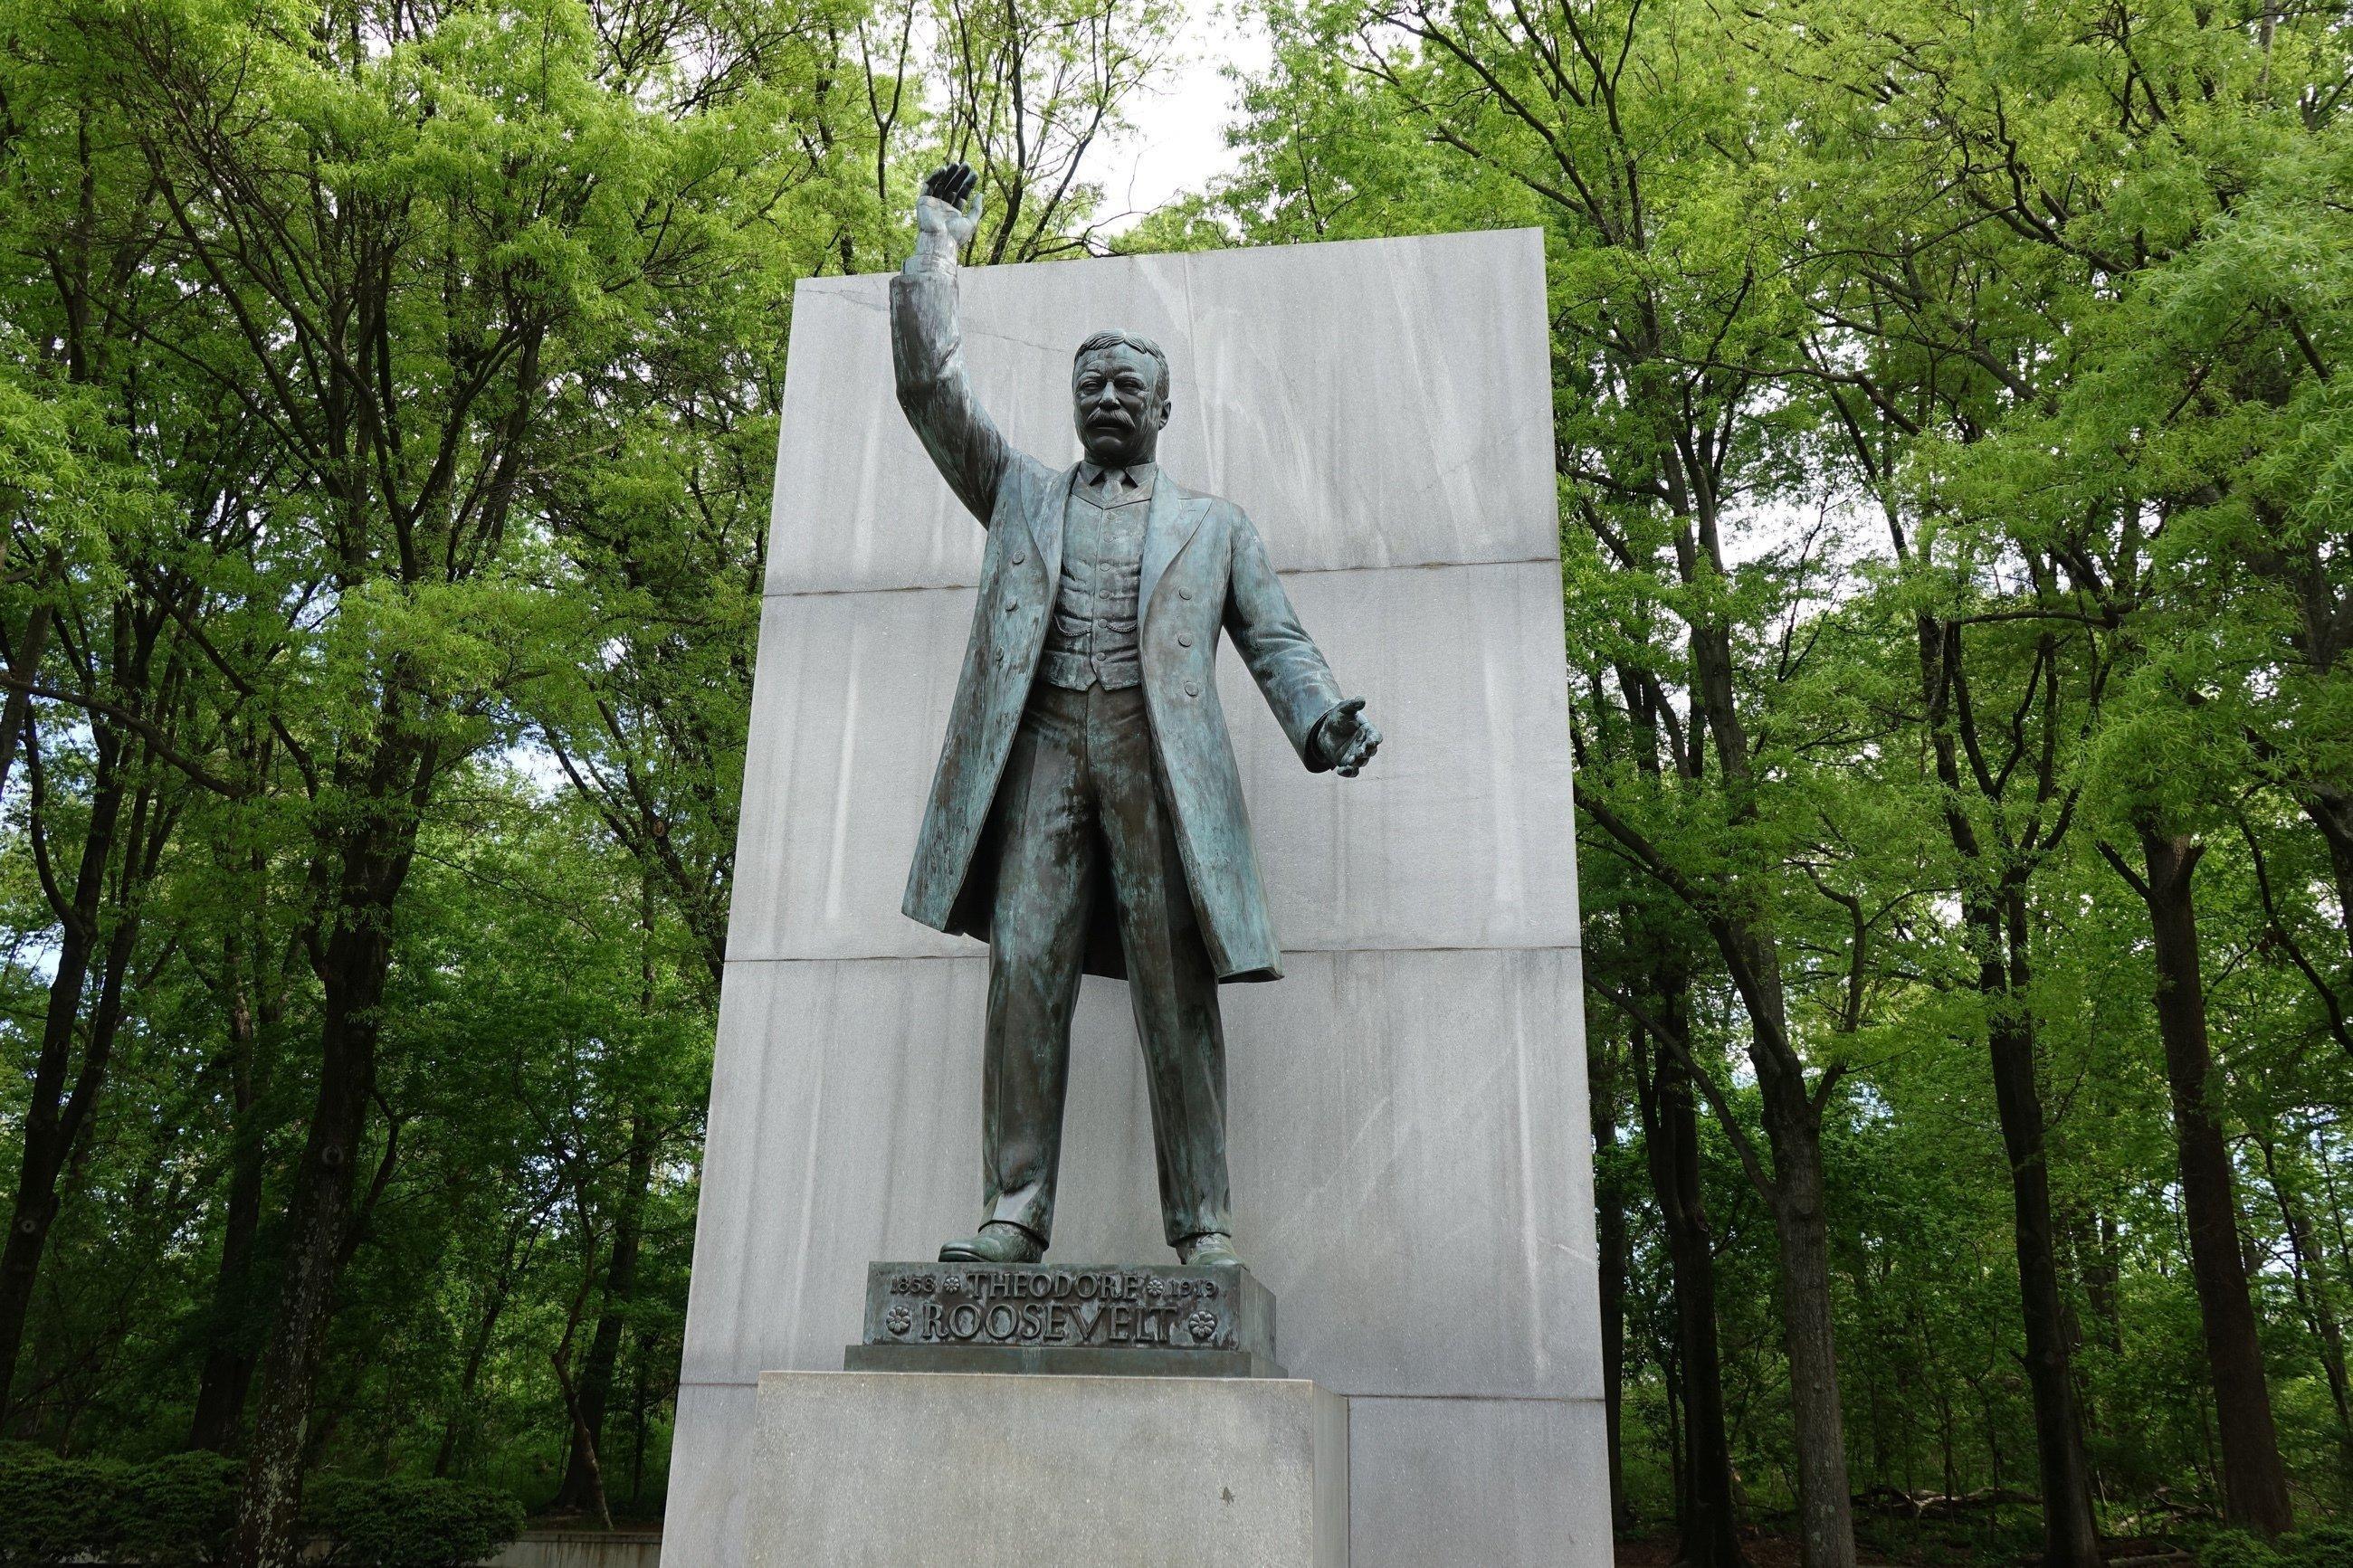 Ein Bronzedenkmal von Roosevelt mit einem erhobenen Arm.